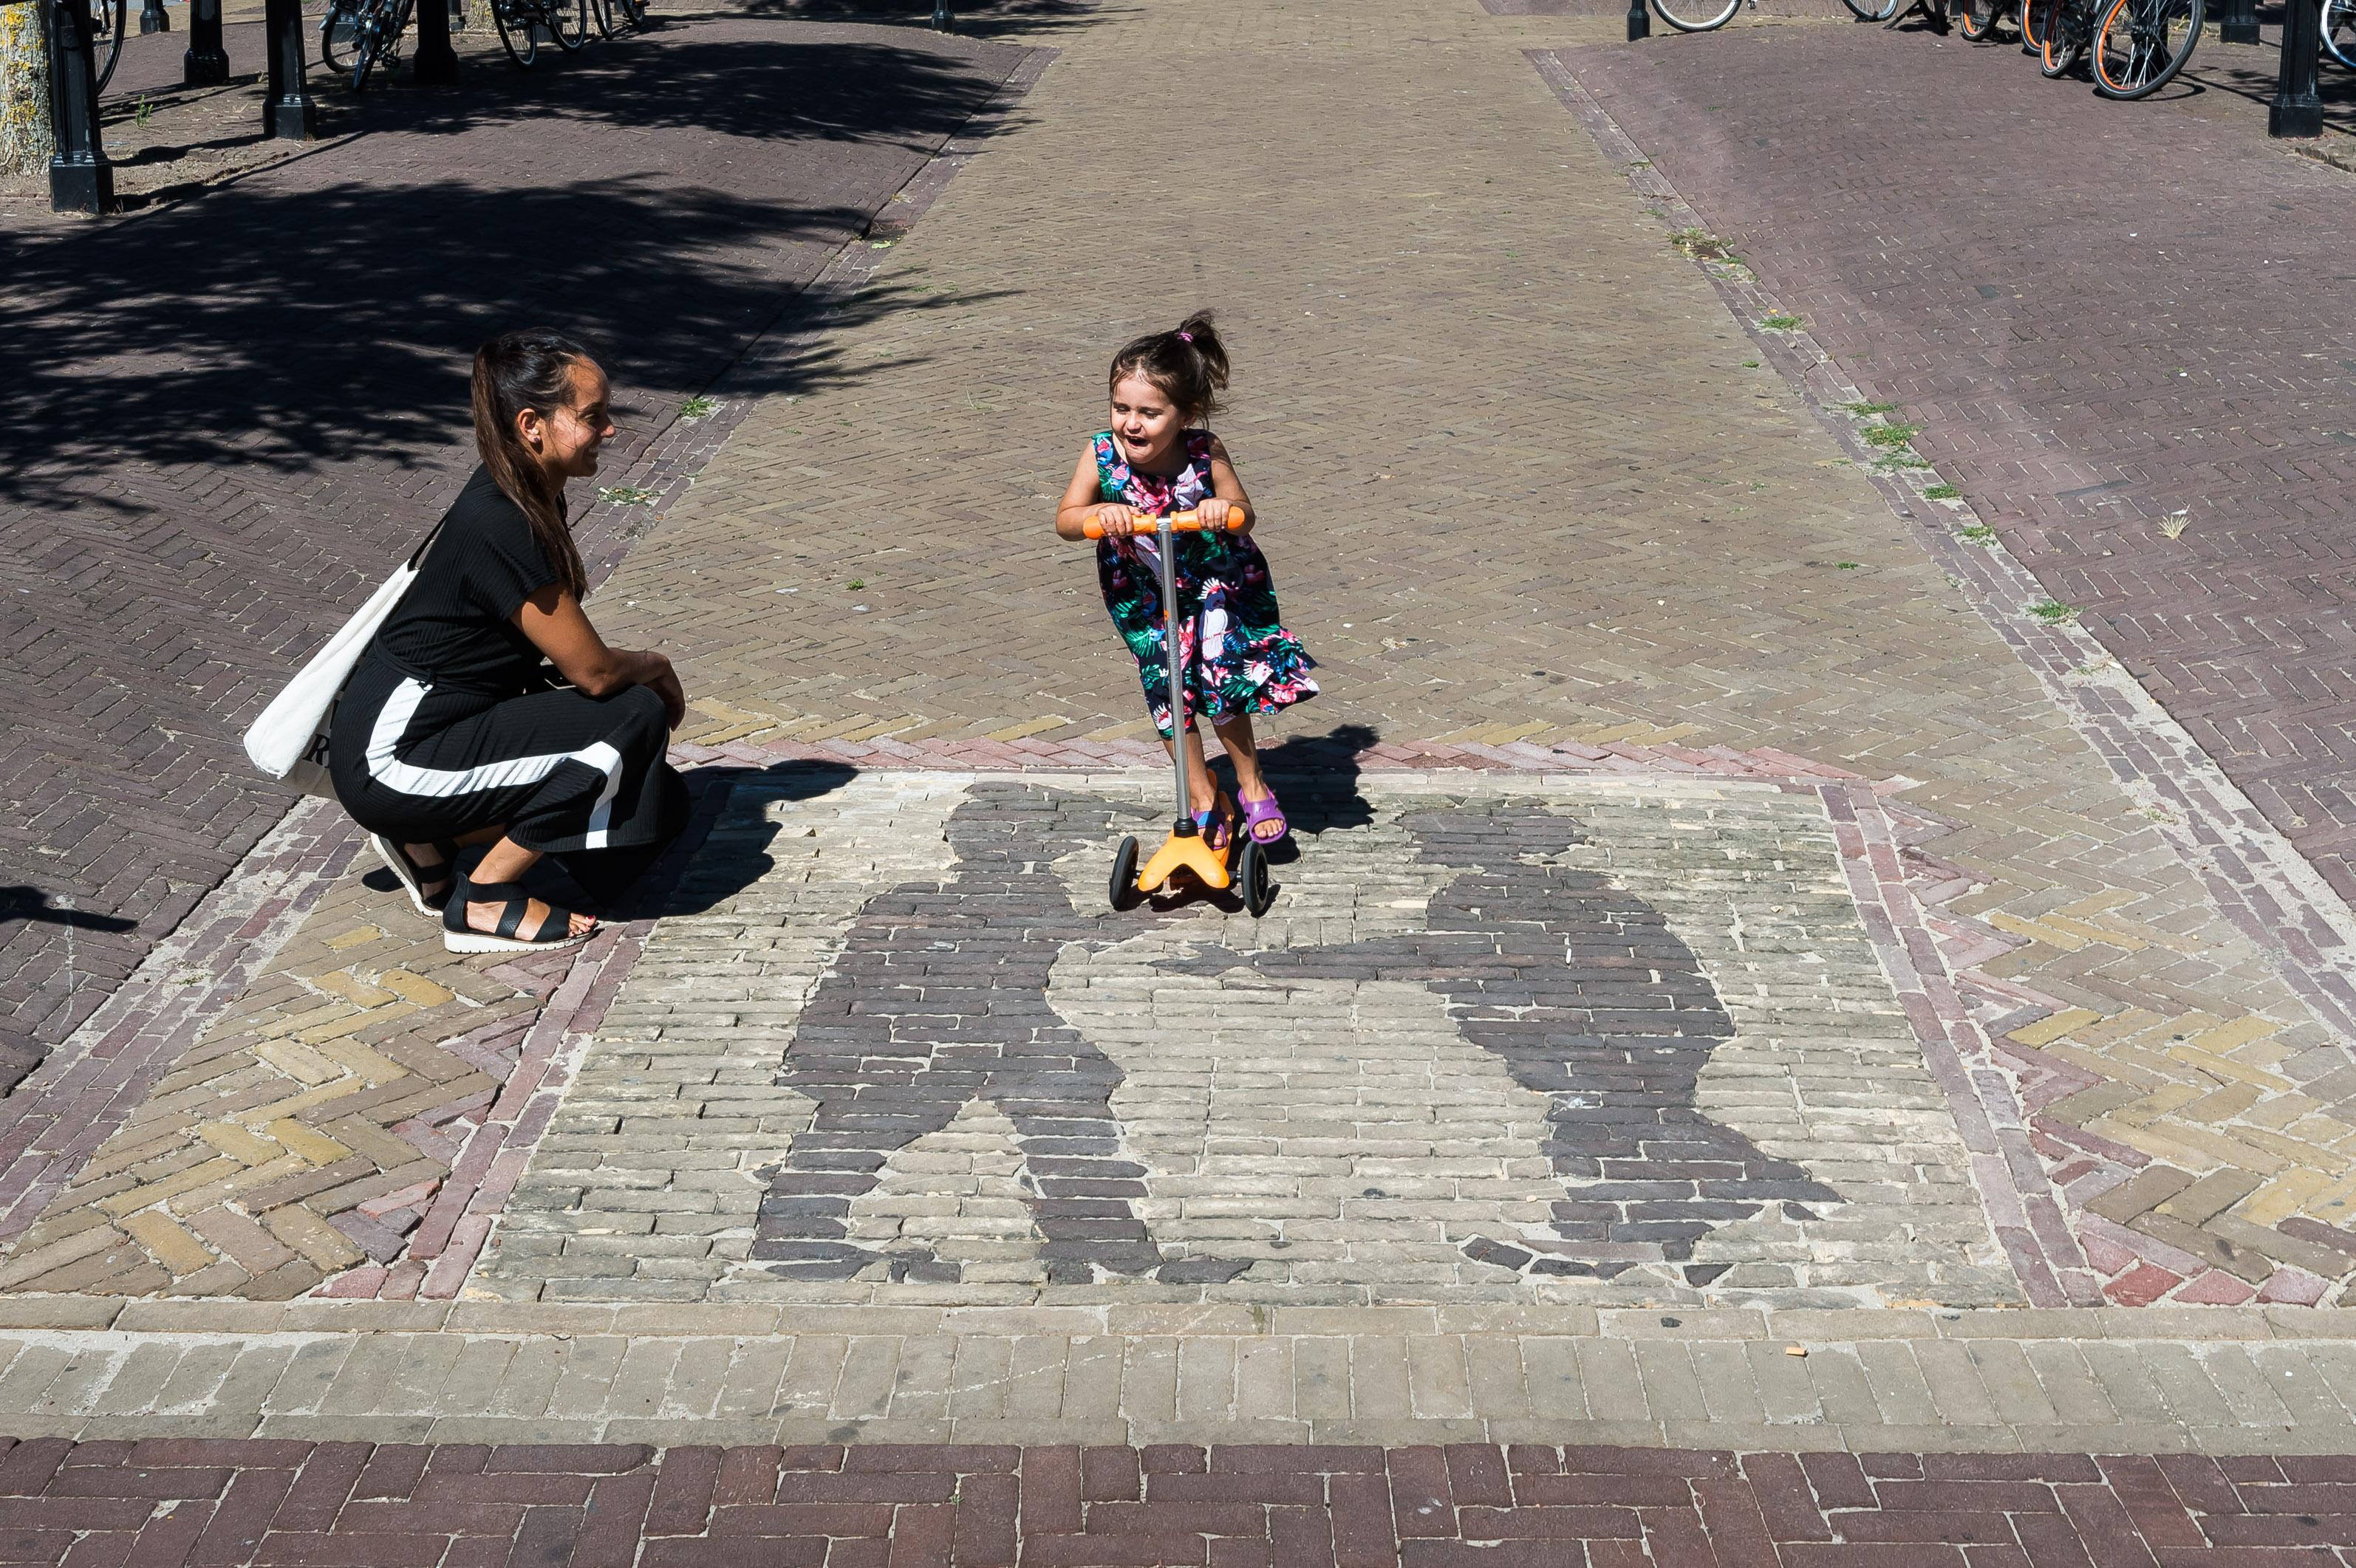 De 4-jarige Nila Huigen zal het een zorg zijn hoe er vroeger gehandeld werd. Zij stept met veel plezier over het patroon. (Foto: Han Giskes)